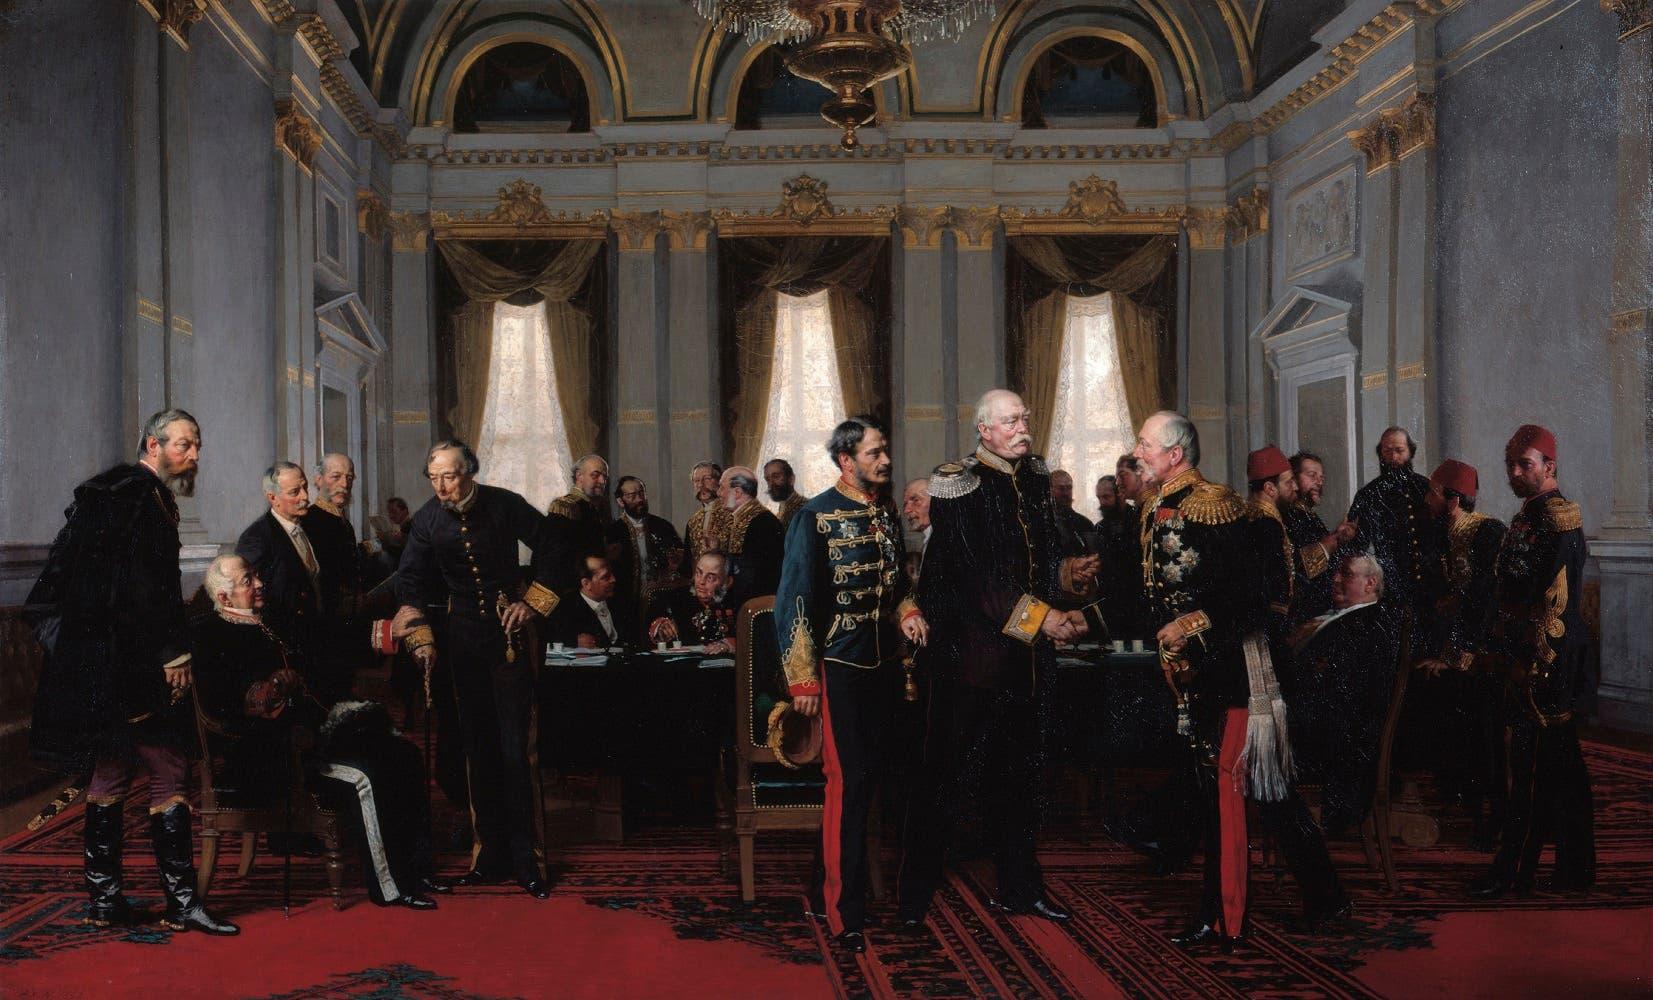 لوحة تجسد مؤتمر  برلين عام 1878 ويظهر بها الوفد التركي بالخلف